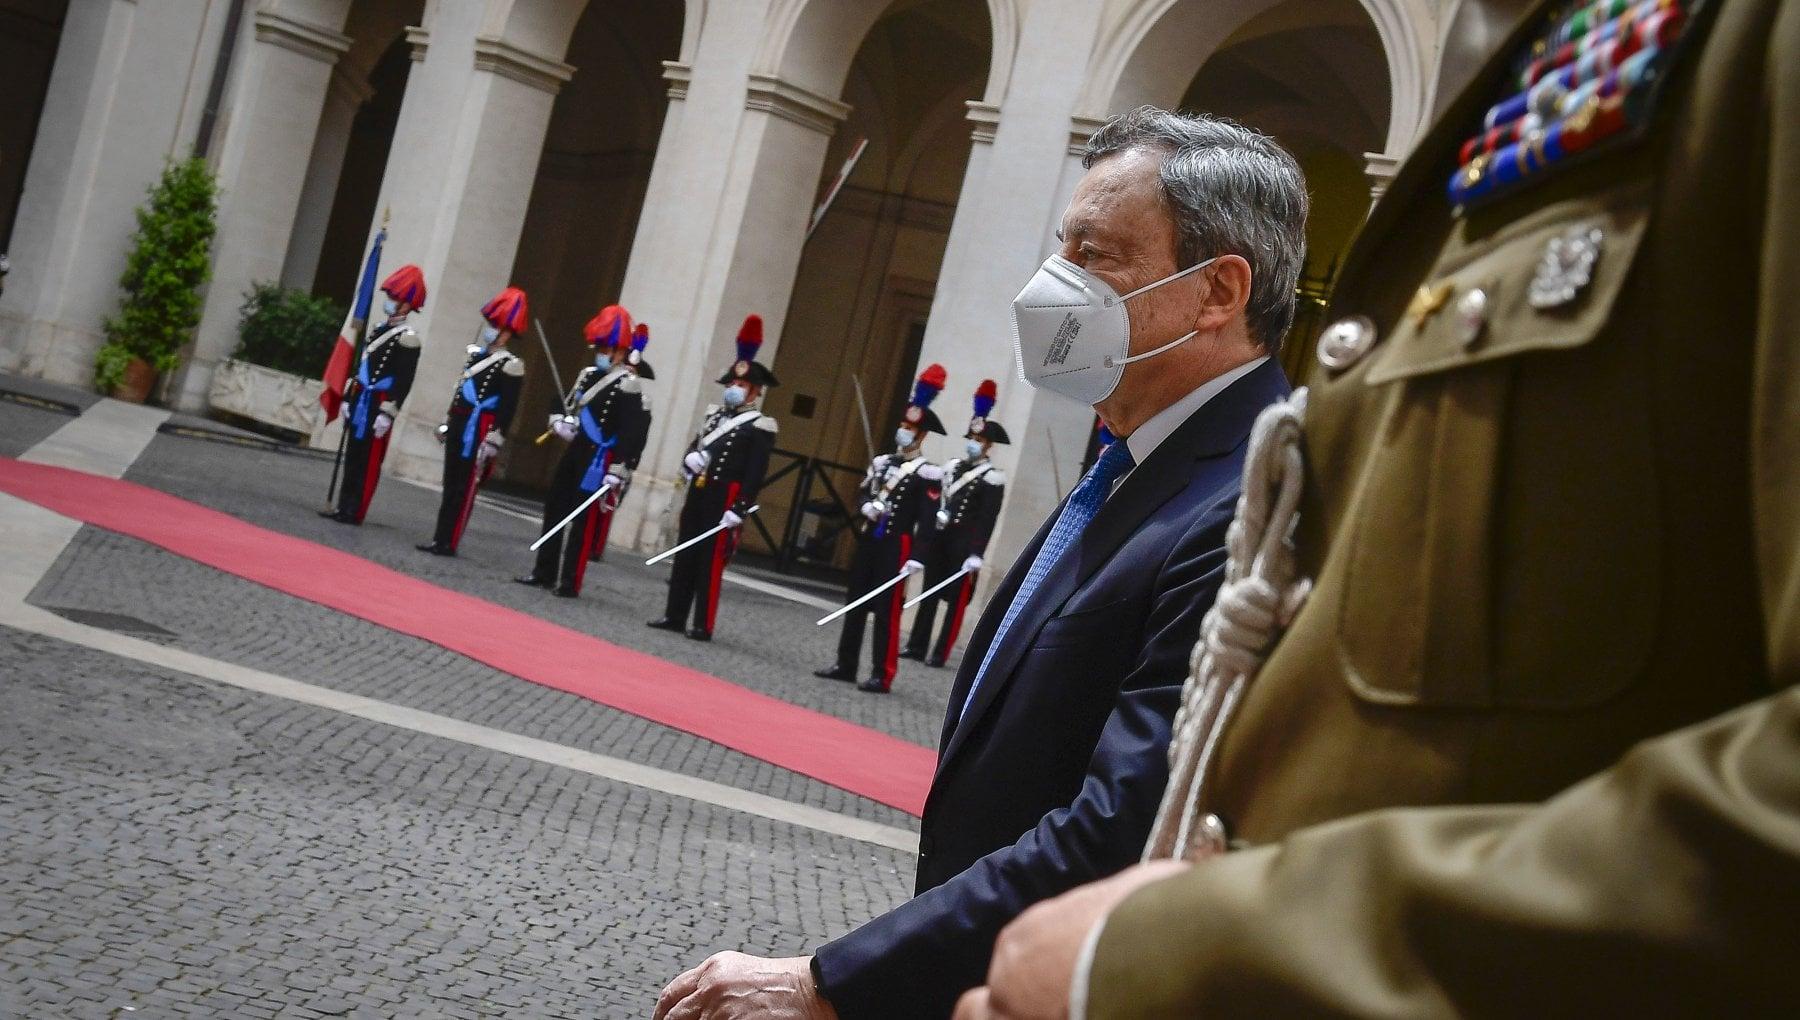 215535507 42f47ead de71 498f 8dc6 4fa9973a458b - Stato d'emergenza, è scontro. Salvini boccia la proroga